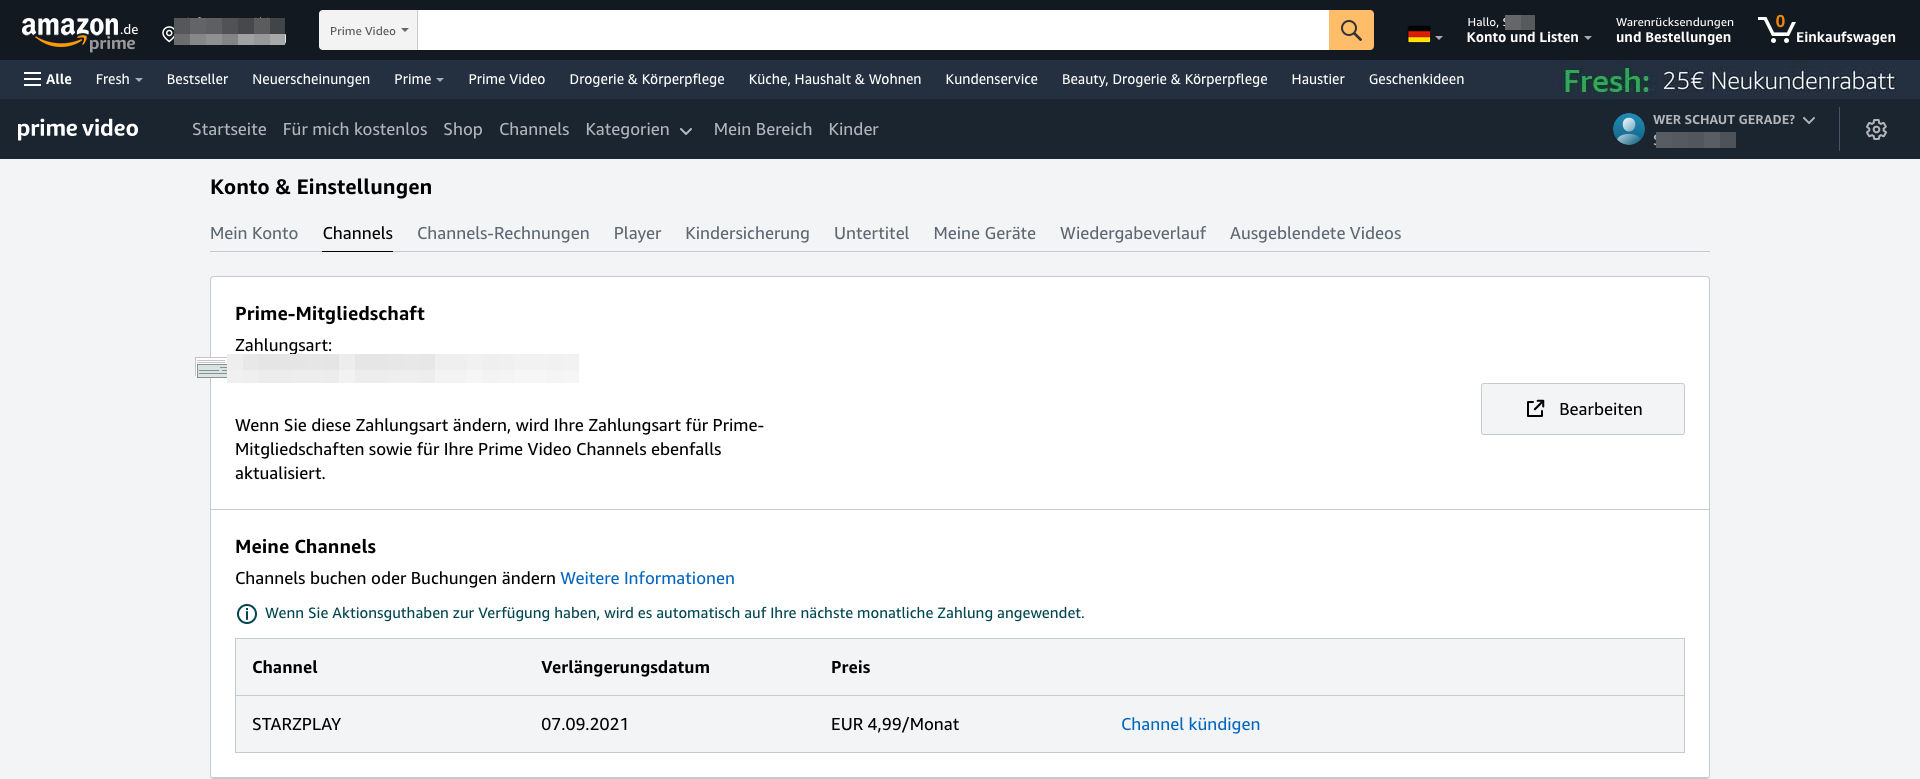 Amazon Prime Video Channel kündigen